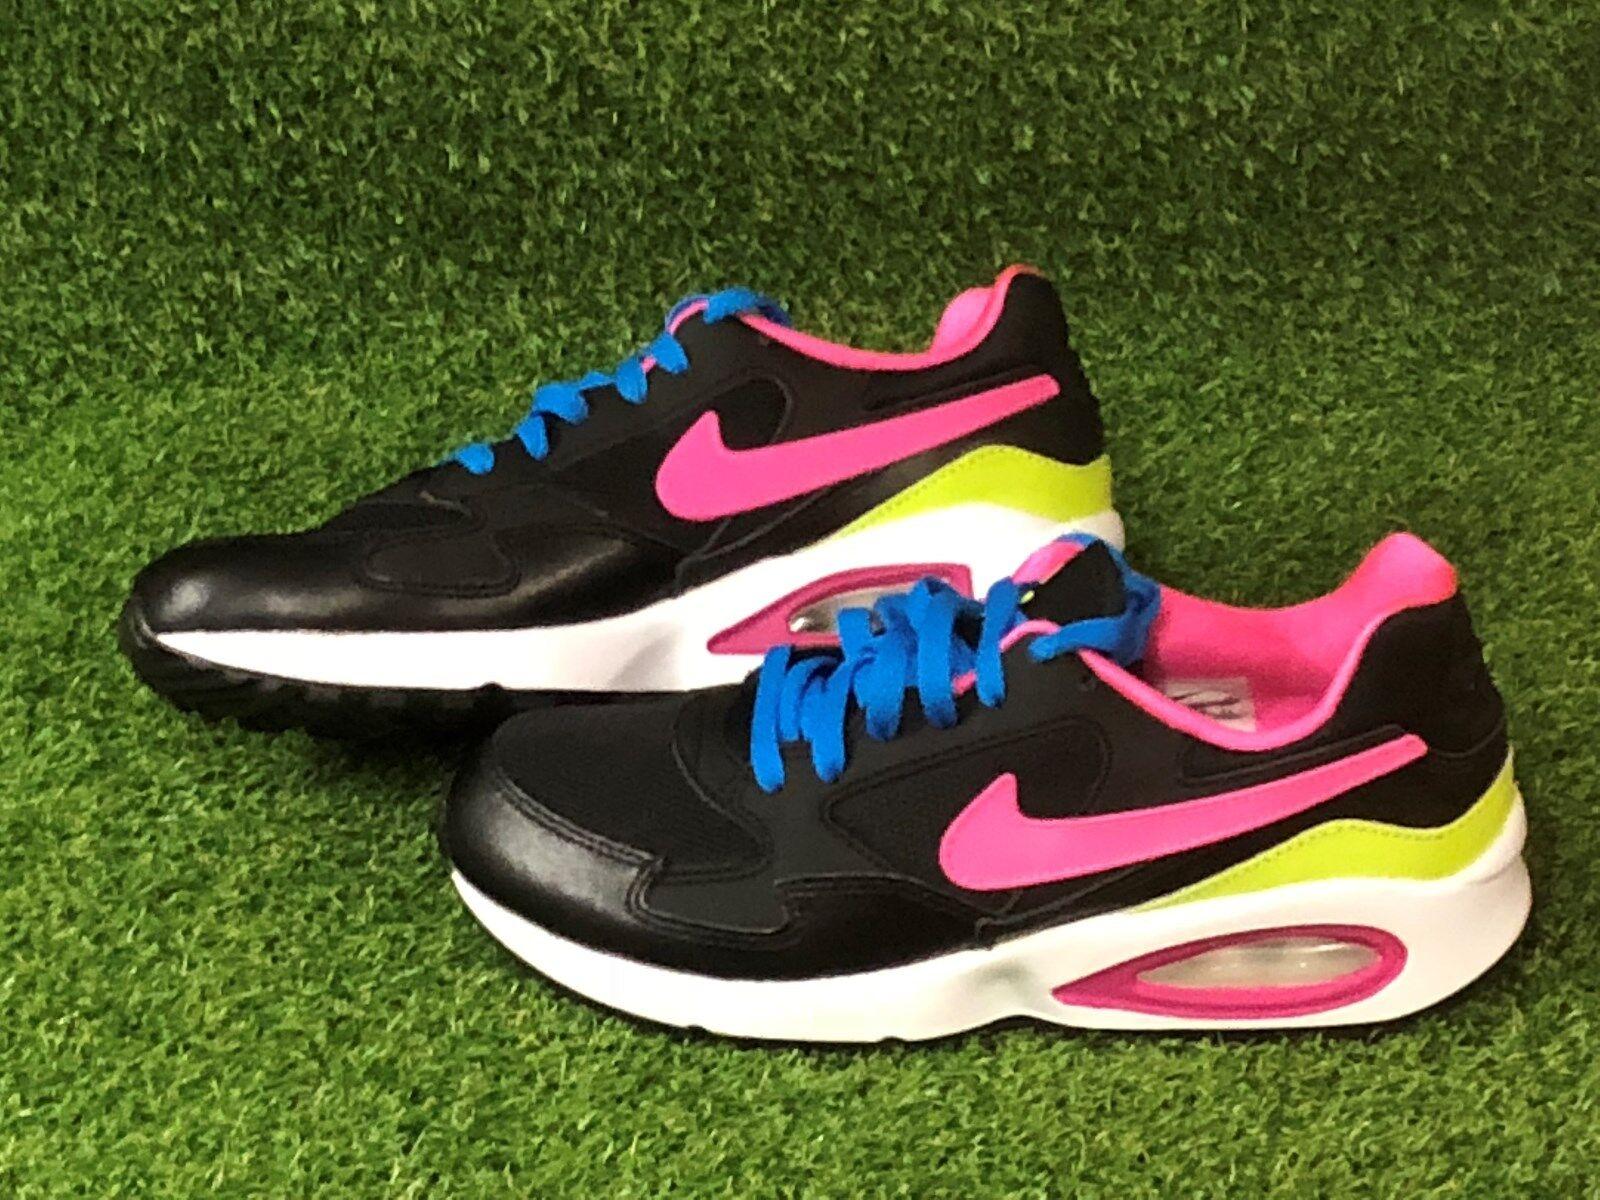 NIKE Air Max ST GS scarpe da ginnastica donna ragazze [653819 006] MIS. 38 - 38,5 NUOVO | prezzo di sconto speciale  | Uomo/Donne Scarpa